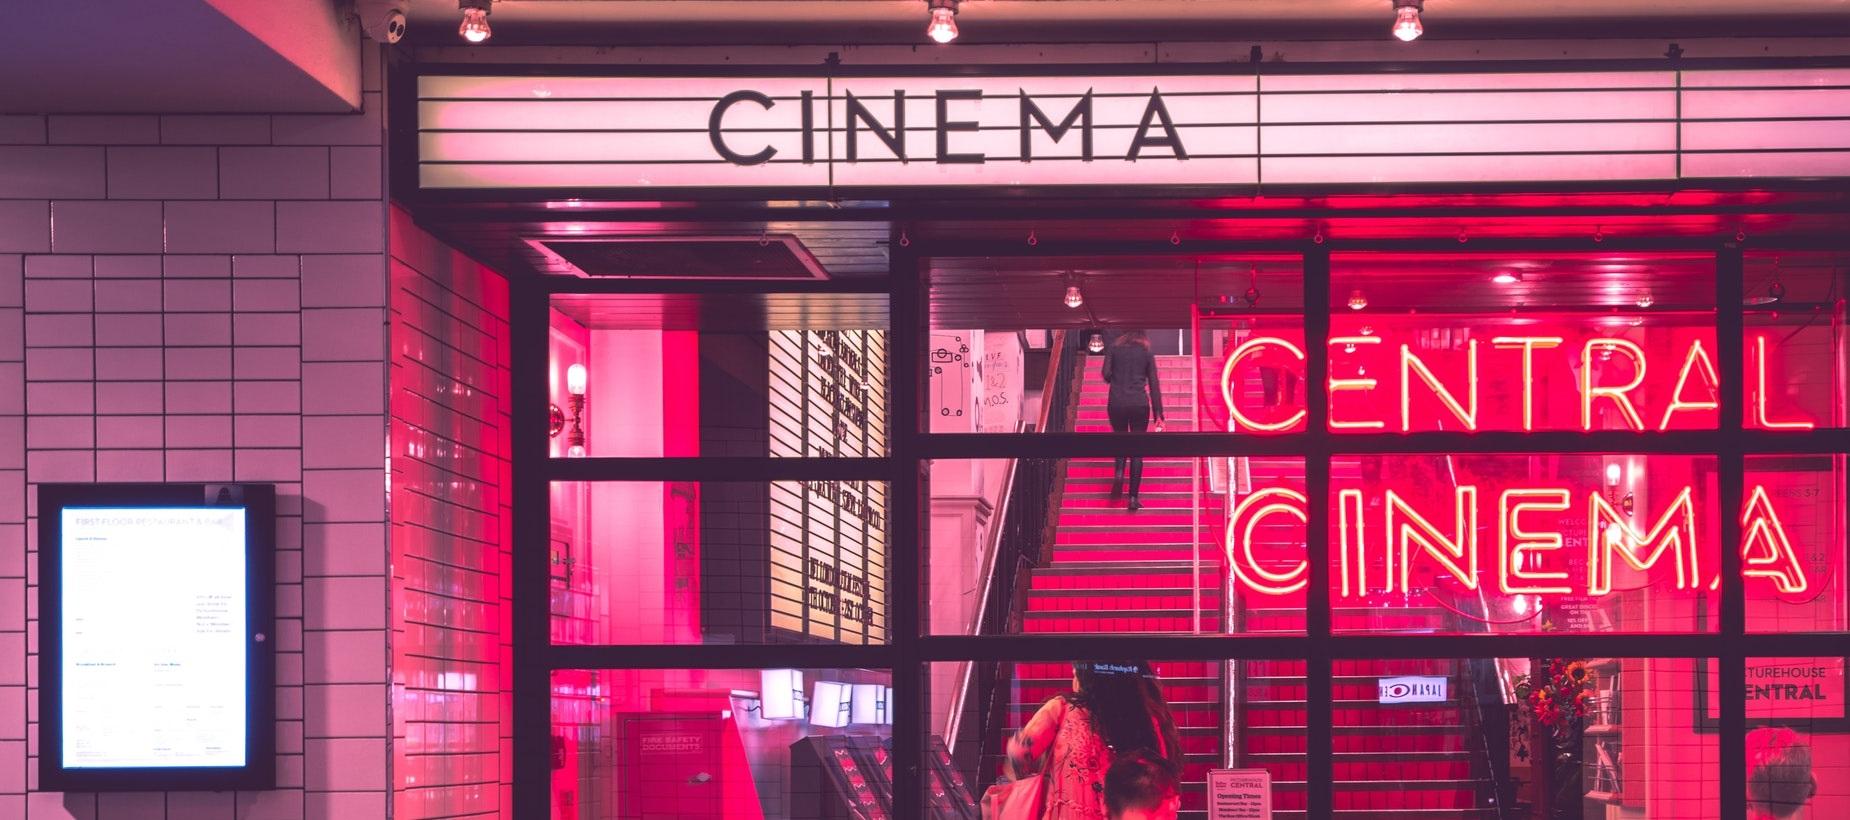 Ir al cine es una actividad lúdica muy frecuente en muchas partes del mundo.